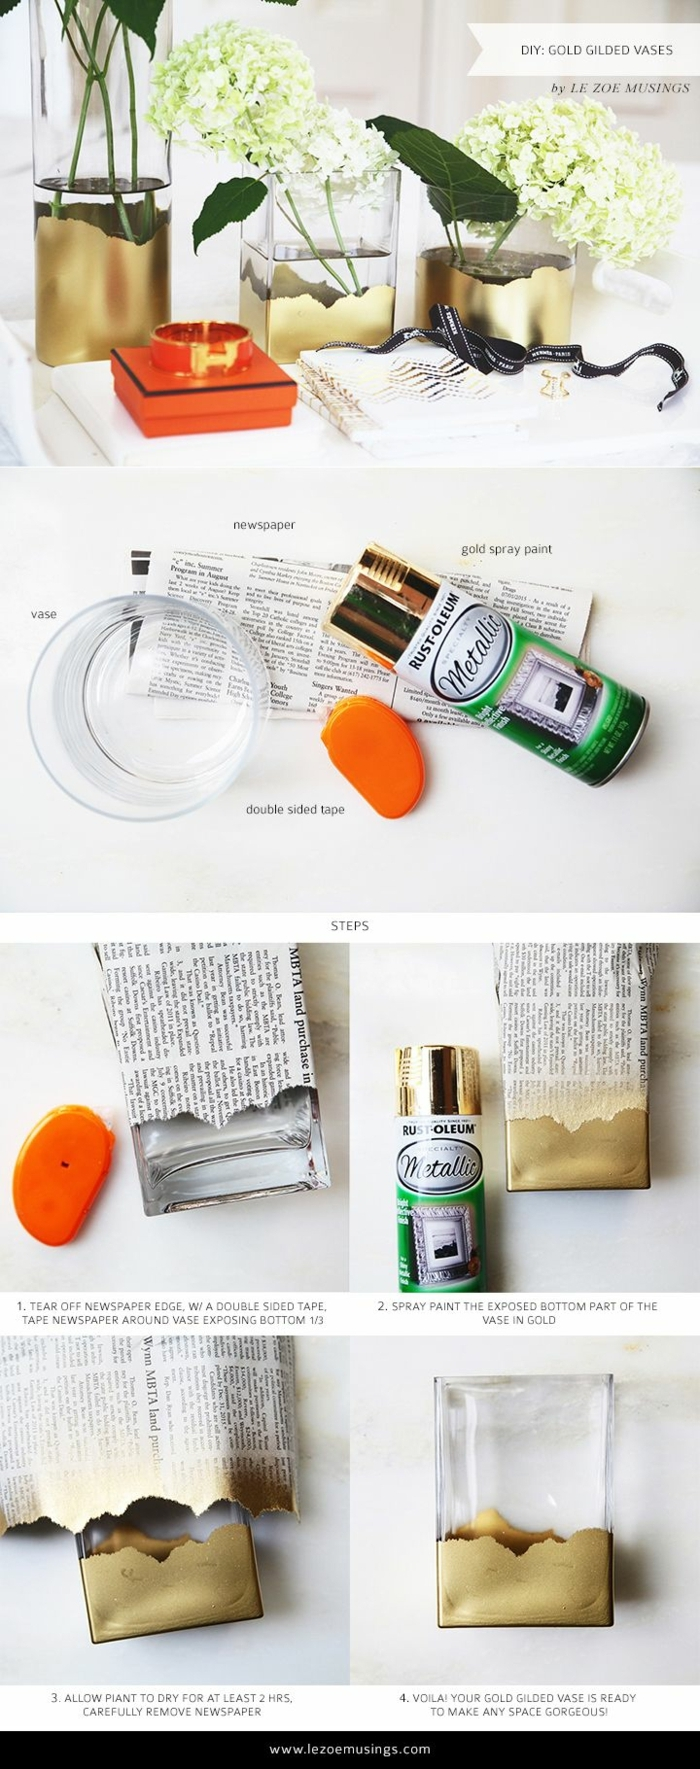 DIY Anleitung mit Schritt für Schritt Erklärung, vergoldete Glasvase Dekoration, weiße Blumen, günstige deko Ideen